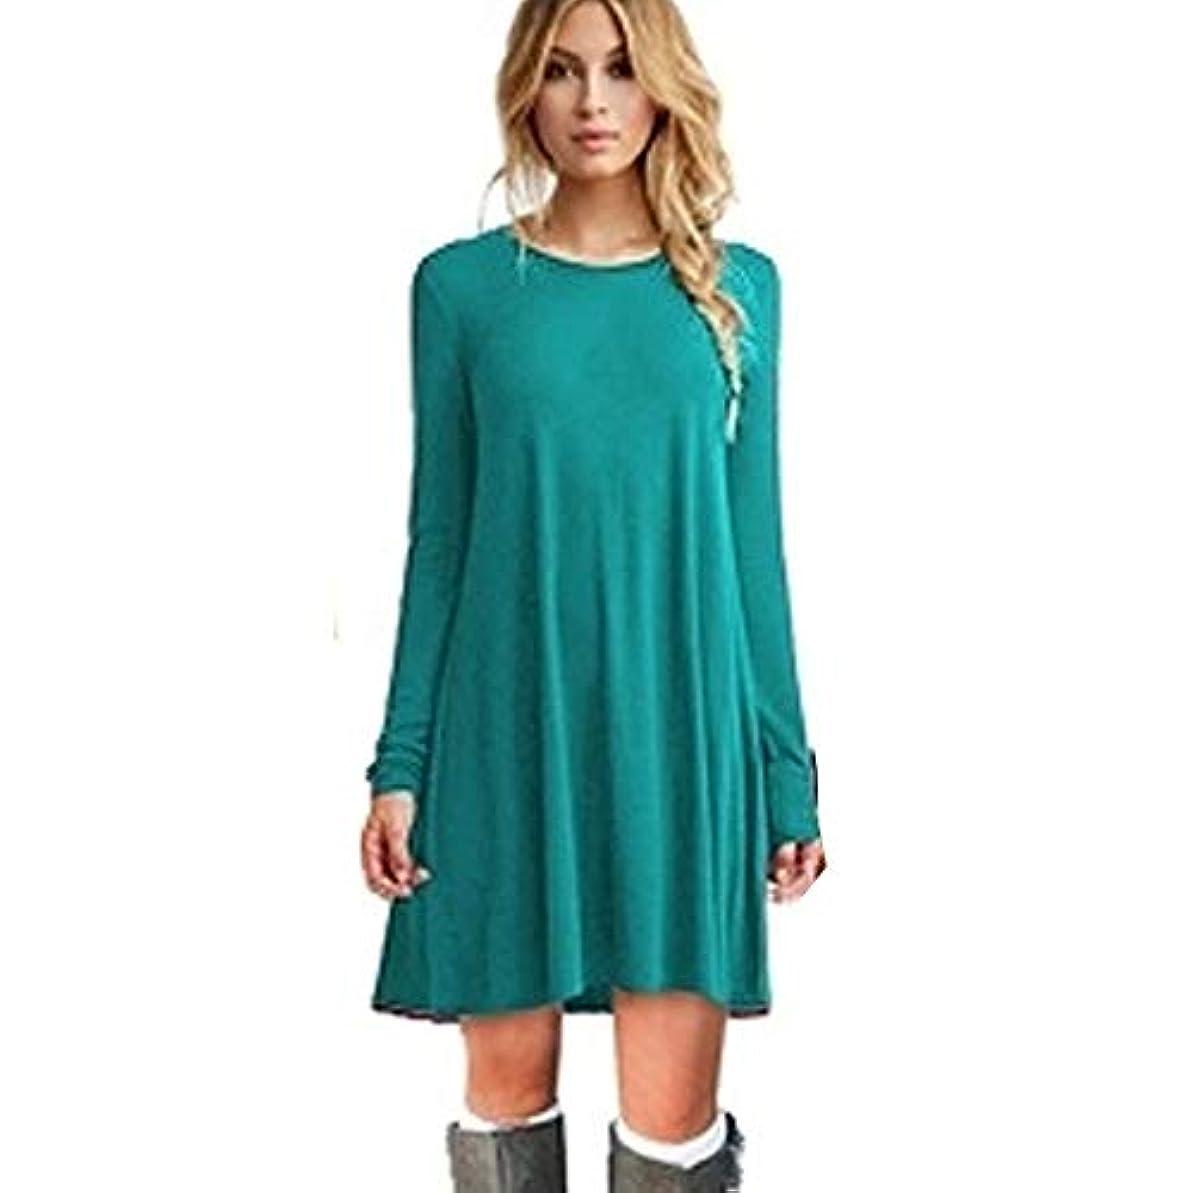 ホイップ割り当て招待MIFANルースドレス、プラスサイズのドレス、長袖のドレス、女性のドレス、秋のドレス、マキシドレス、コットンドレス